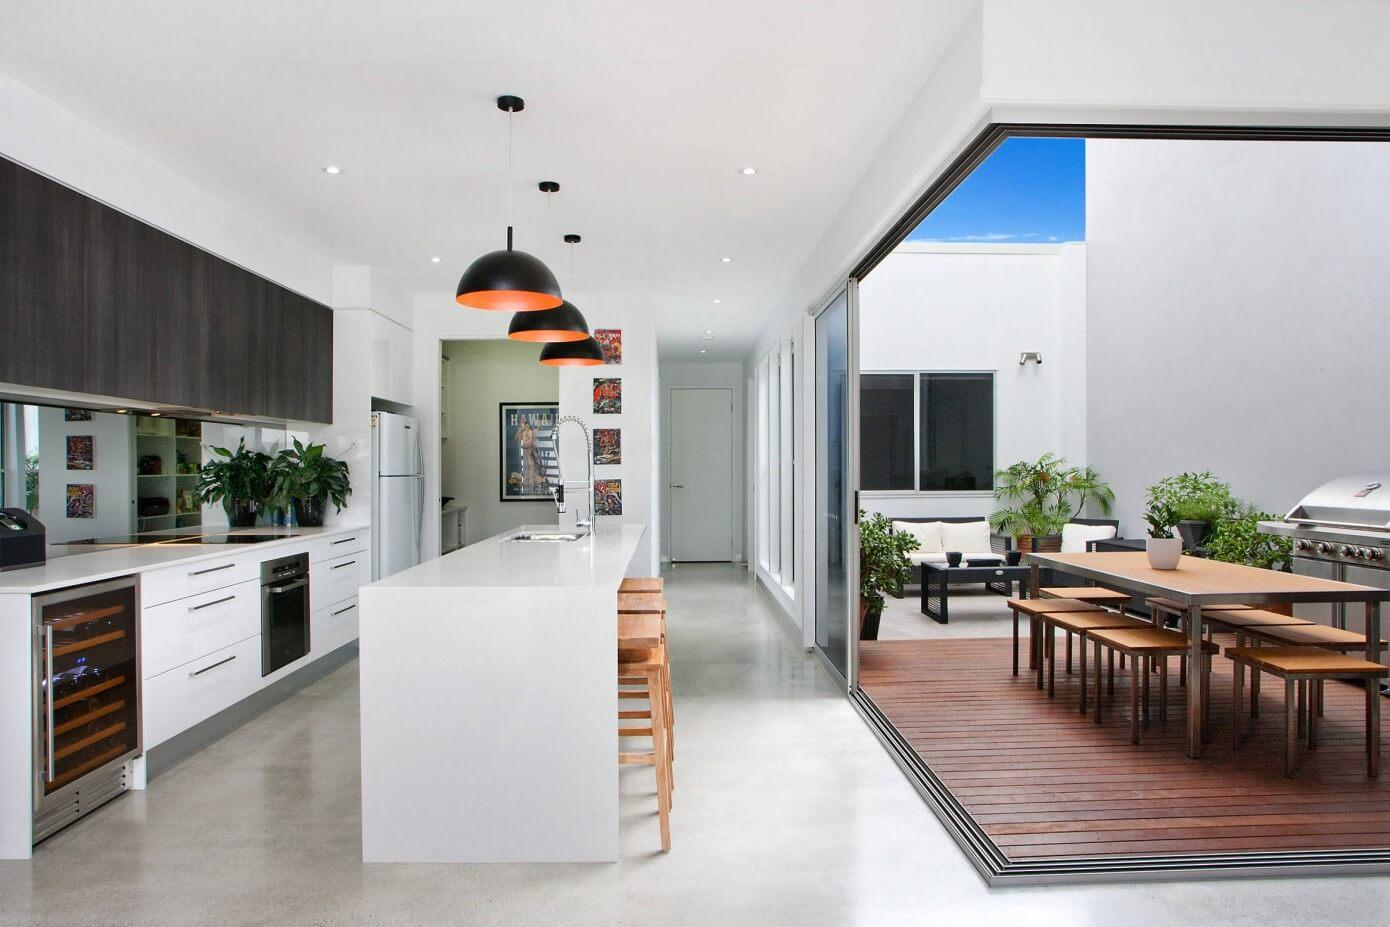 005 House Sunshine Coast Principal Plans Homeadore